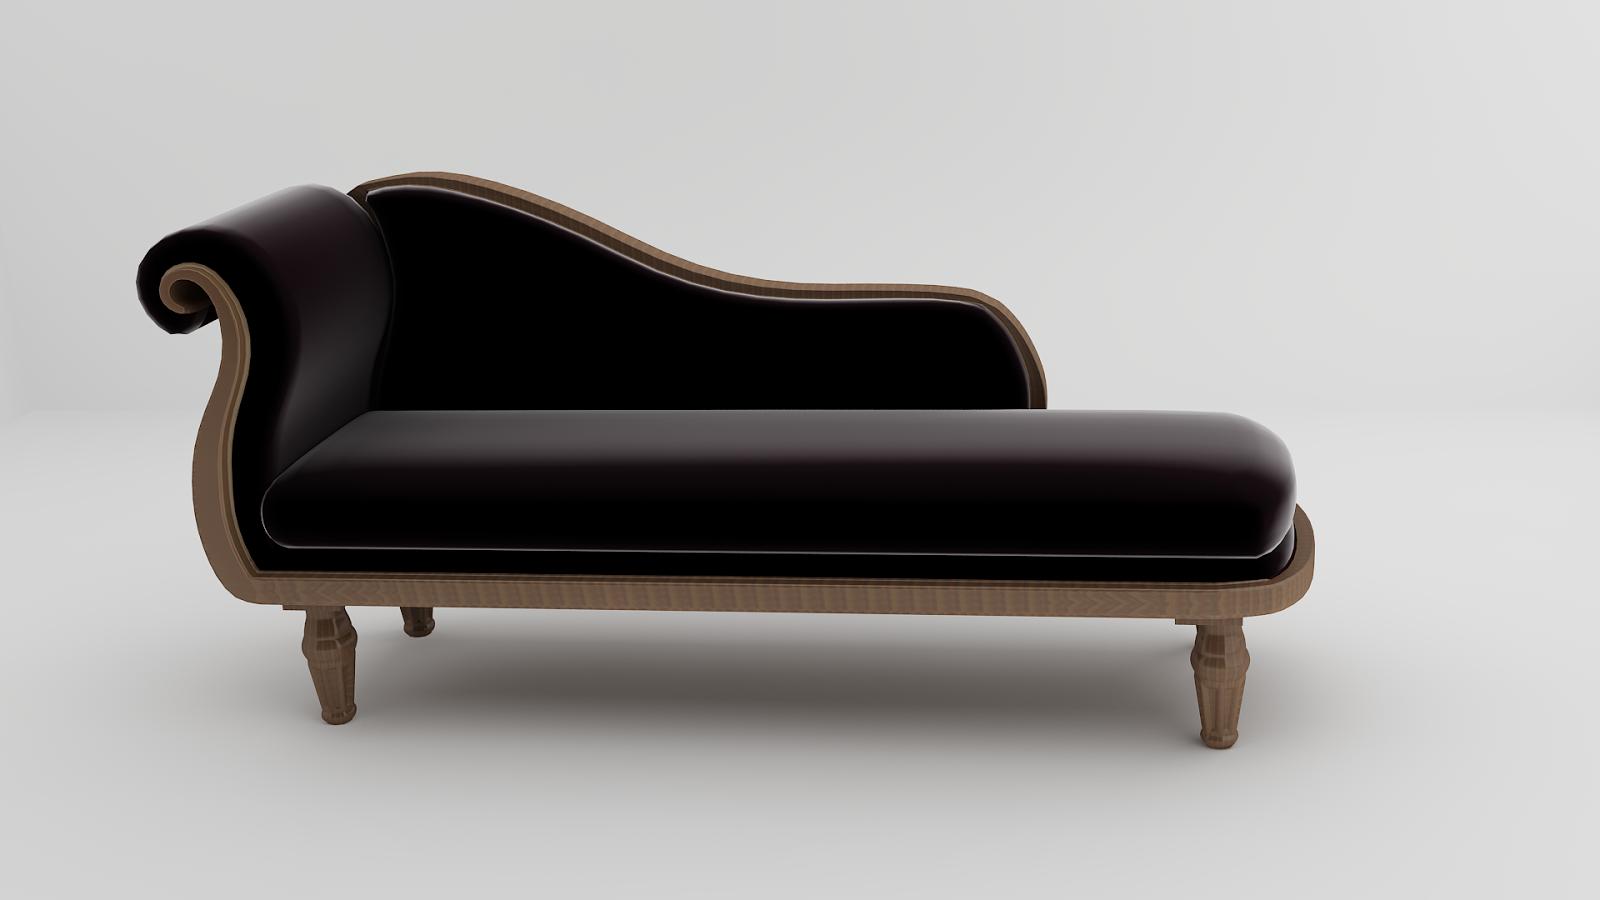 3d designer bakshish singh december 2012 for Furniture 3d design